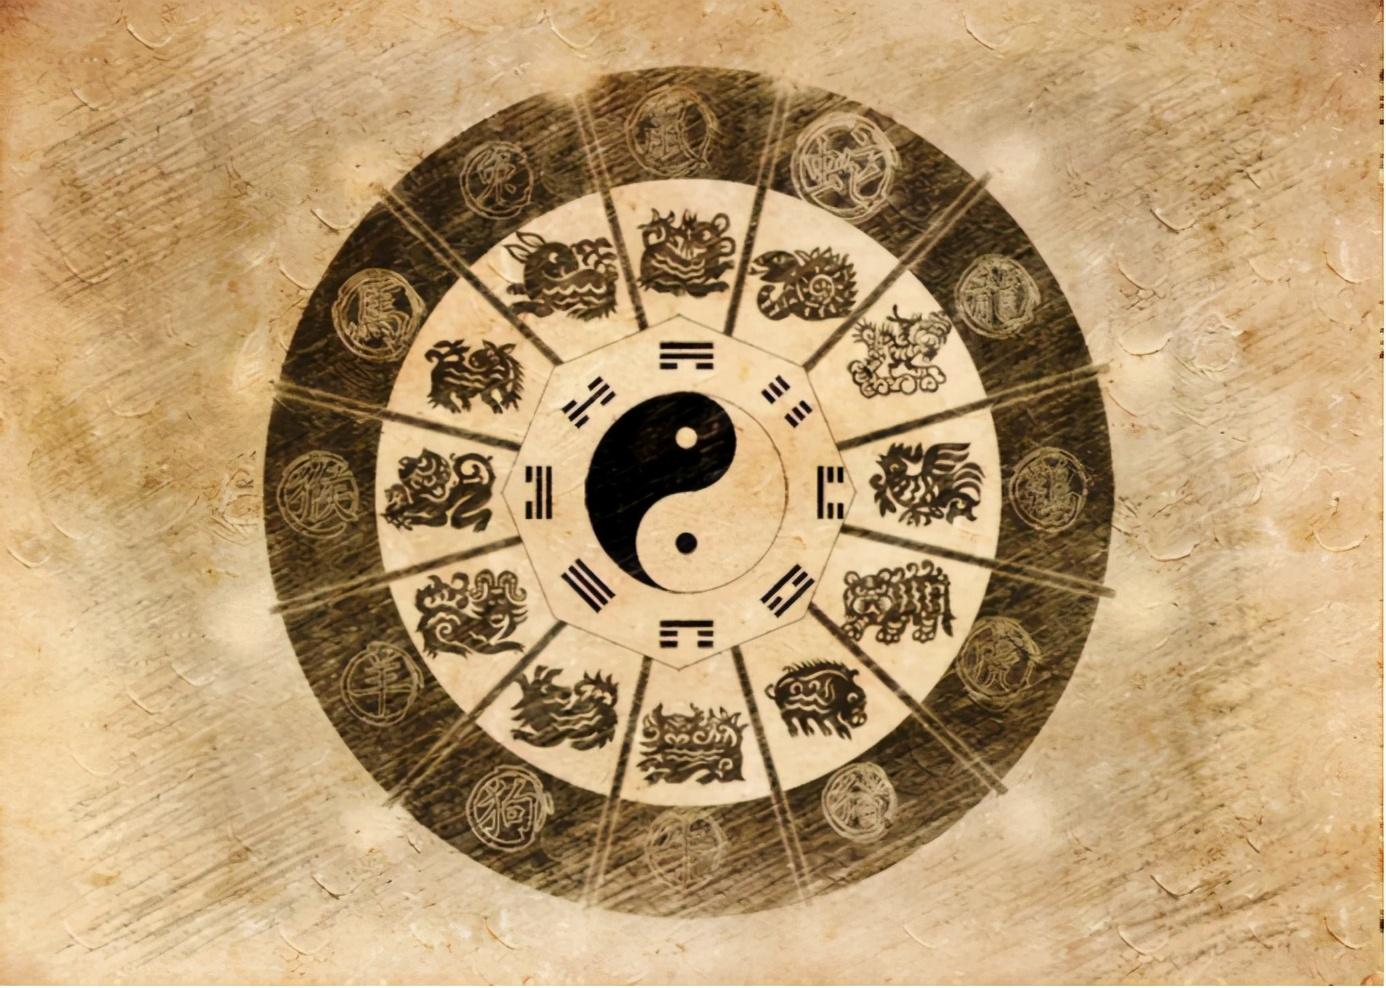 秦人取名常用的字,我们今天都不会再用了,因为实在太不吉利了